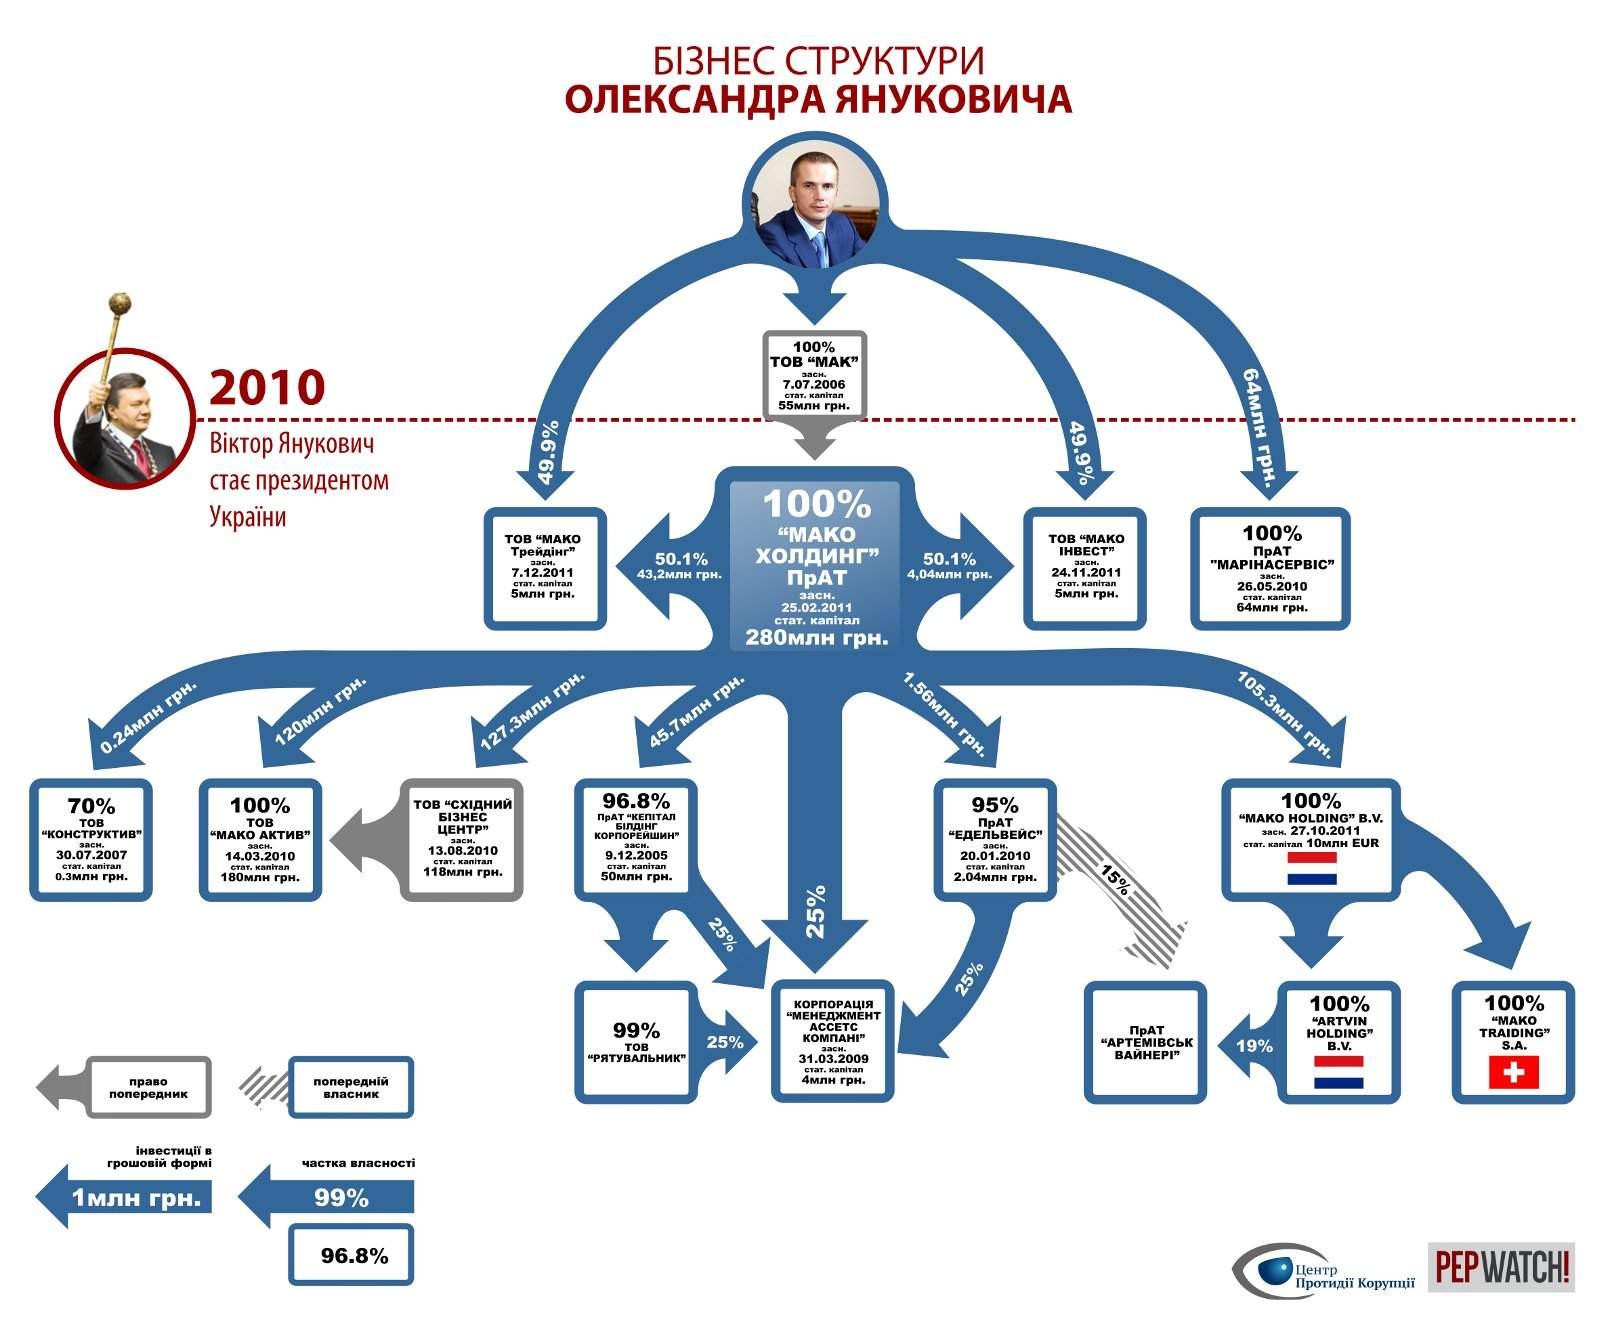 Структура бизнеса Александра Януковича